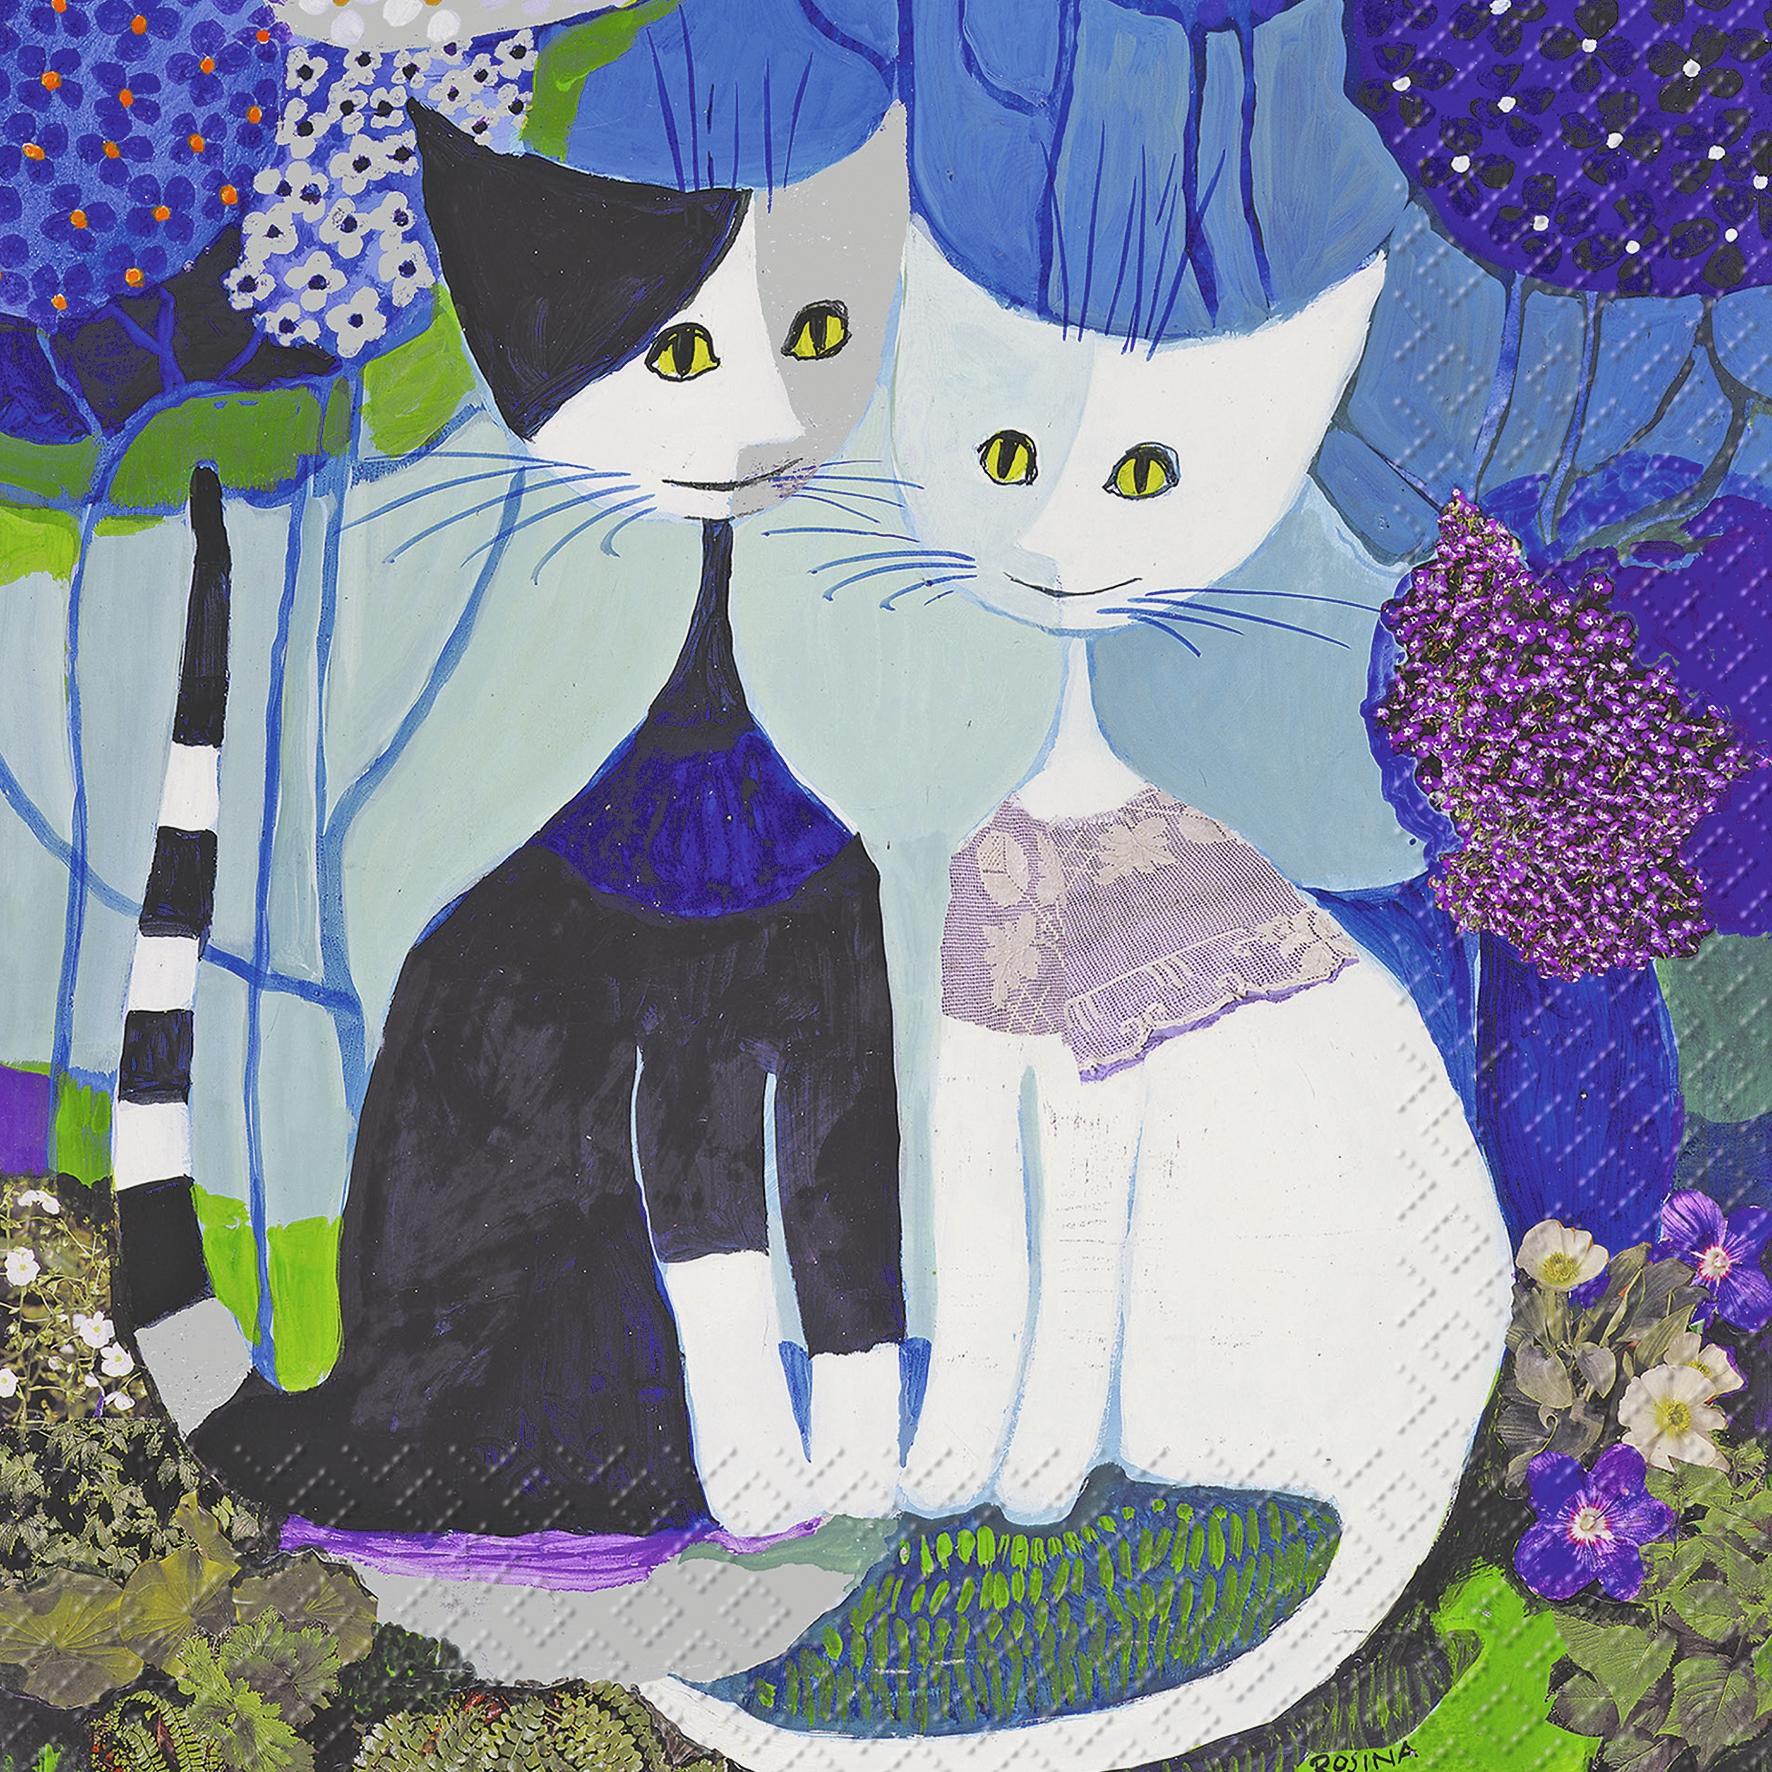 Everyday,  Tiere - Katzen,  Sonstiges - Bilder / Gemälde,  Everyday,  lunchservietten,  Katzen